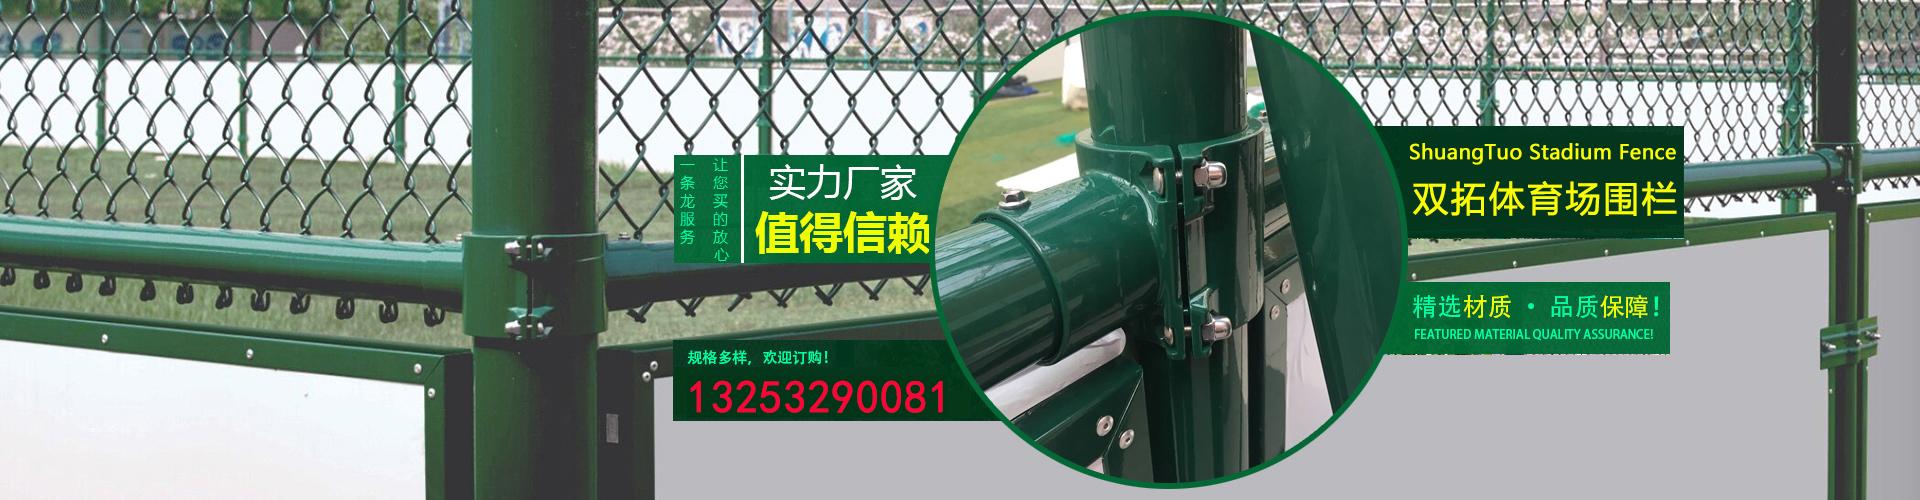 安平县双拓丝网制品有限公司